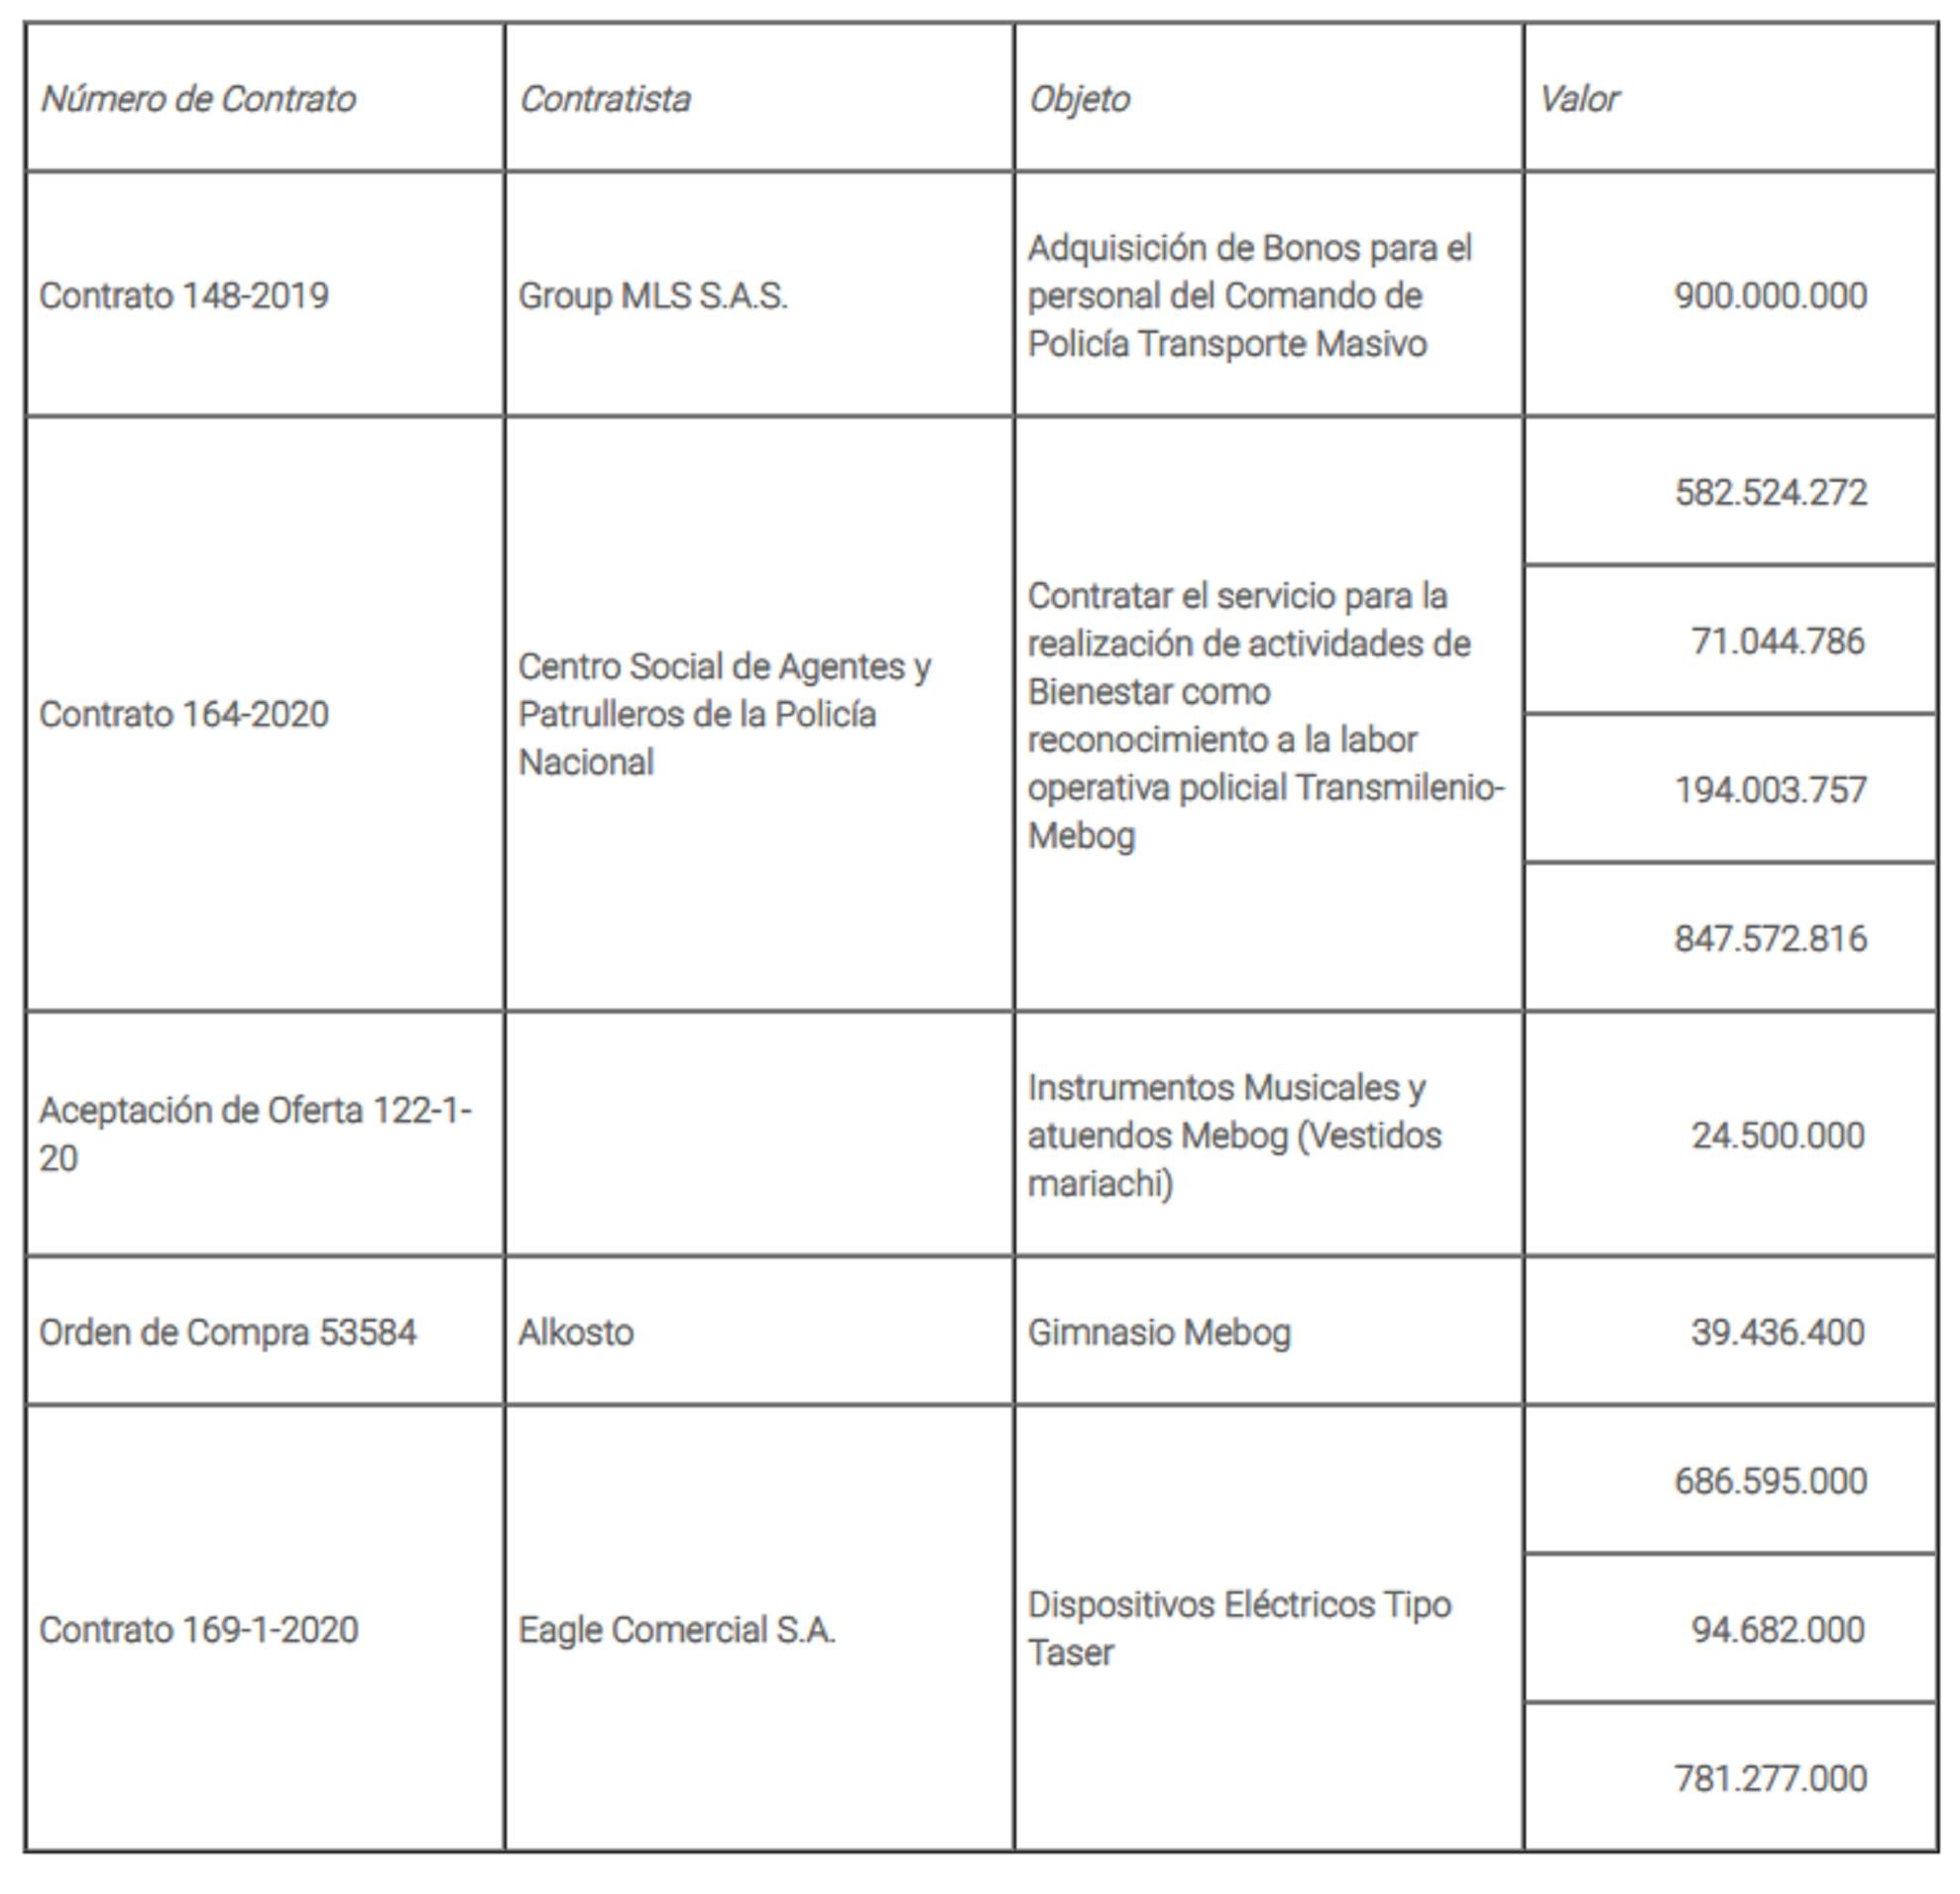 Veeduría gastos convenio Policía TransMilenio 07-04-2021